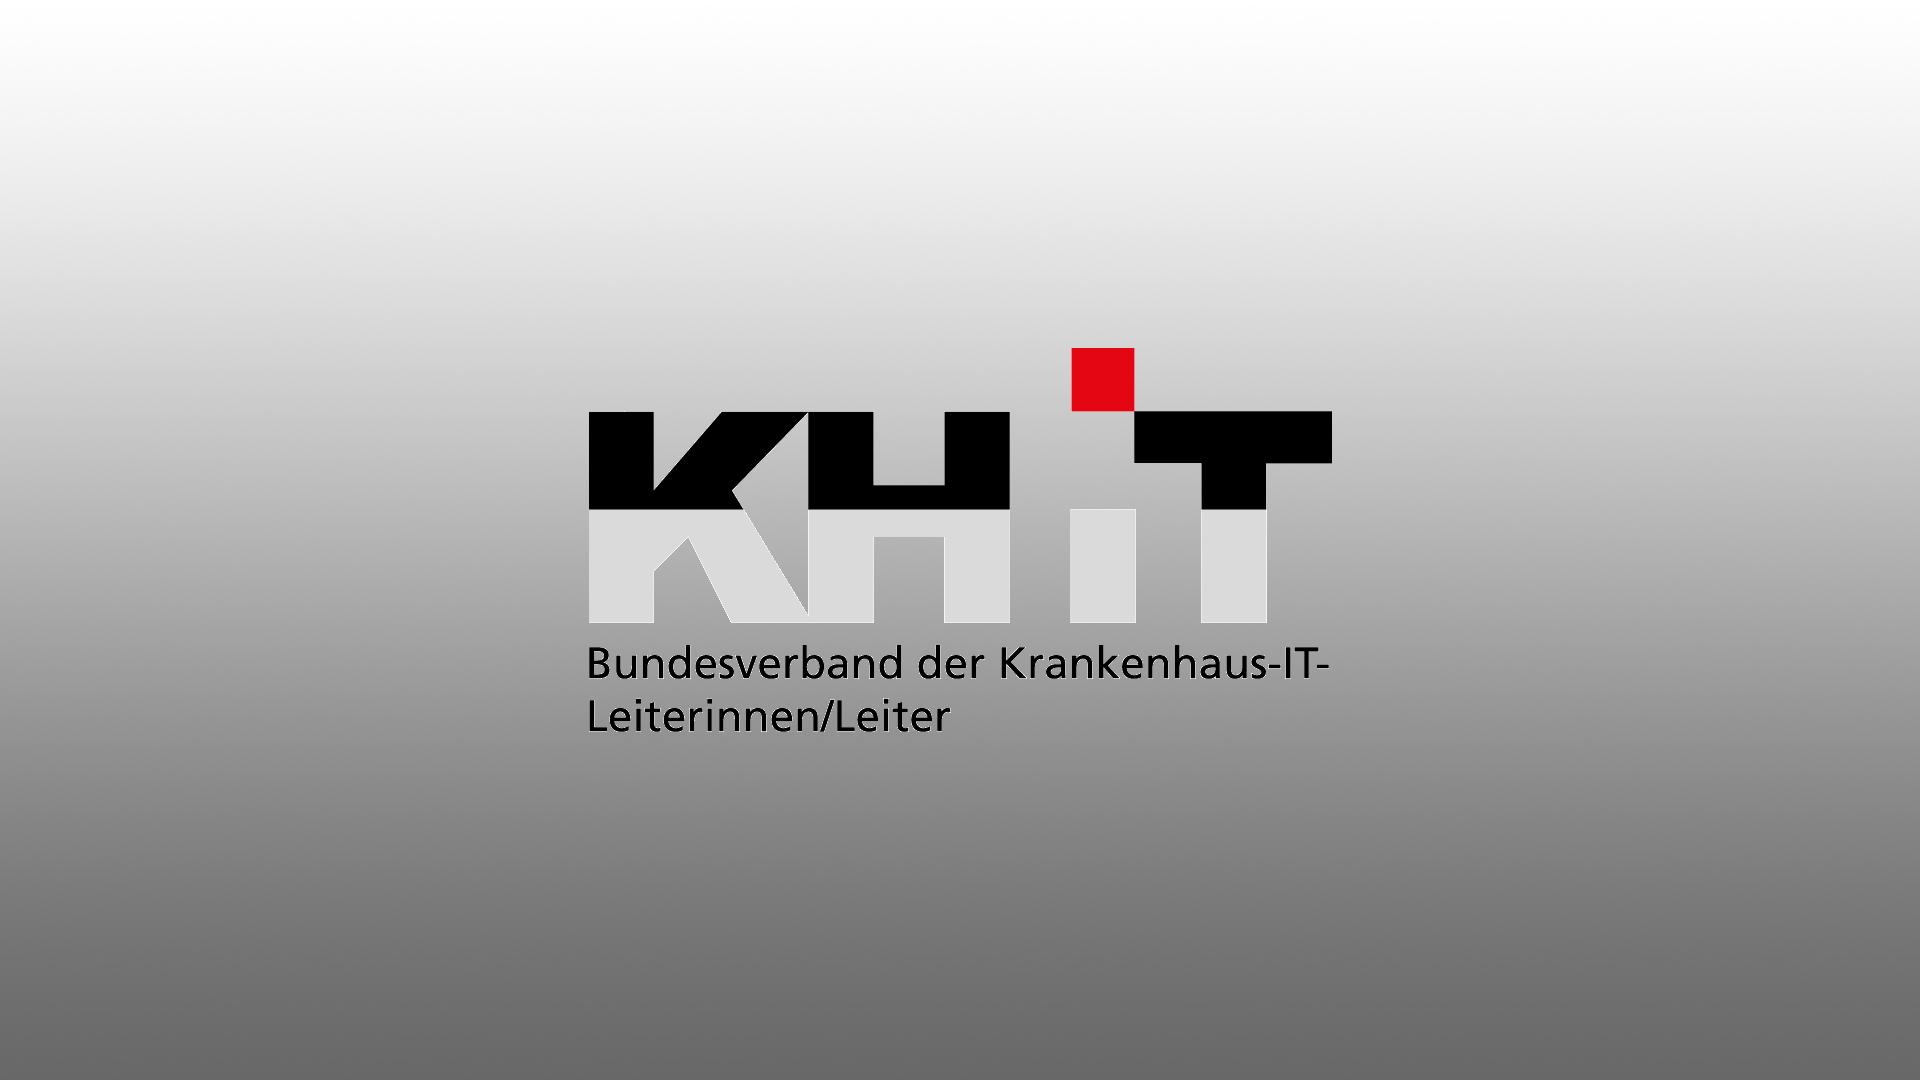 KH-IT Frühjahrstagung 2020 in Heidelberg